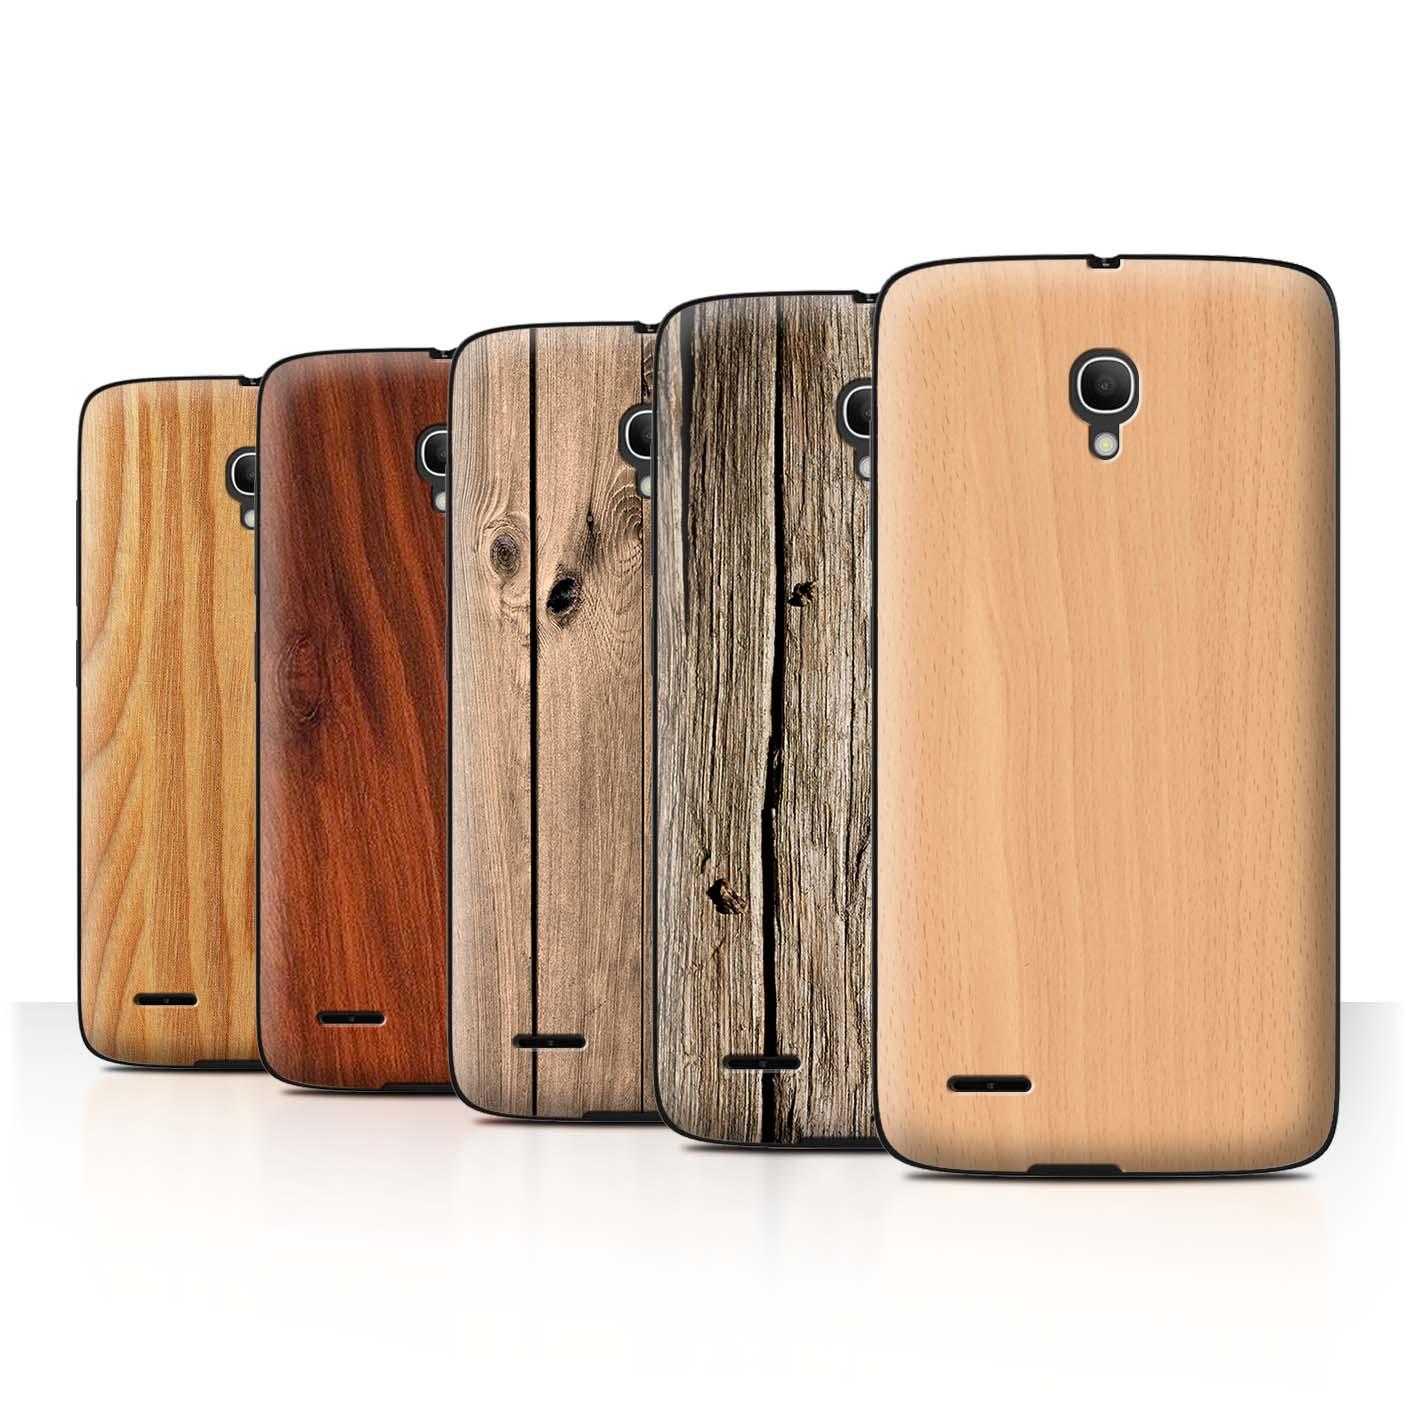 STUFF4-Back-Case-Cover-Skin-for-Alcatel-Pop-2-5-034-Wood-Grain-Effect-Pattern